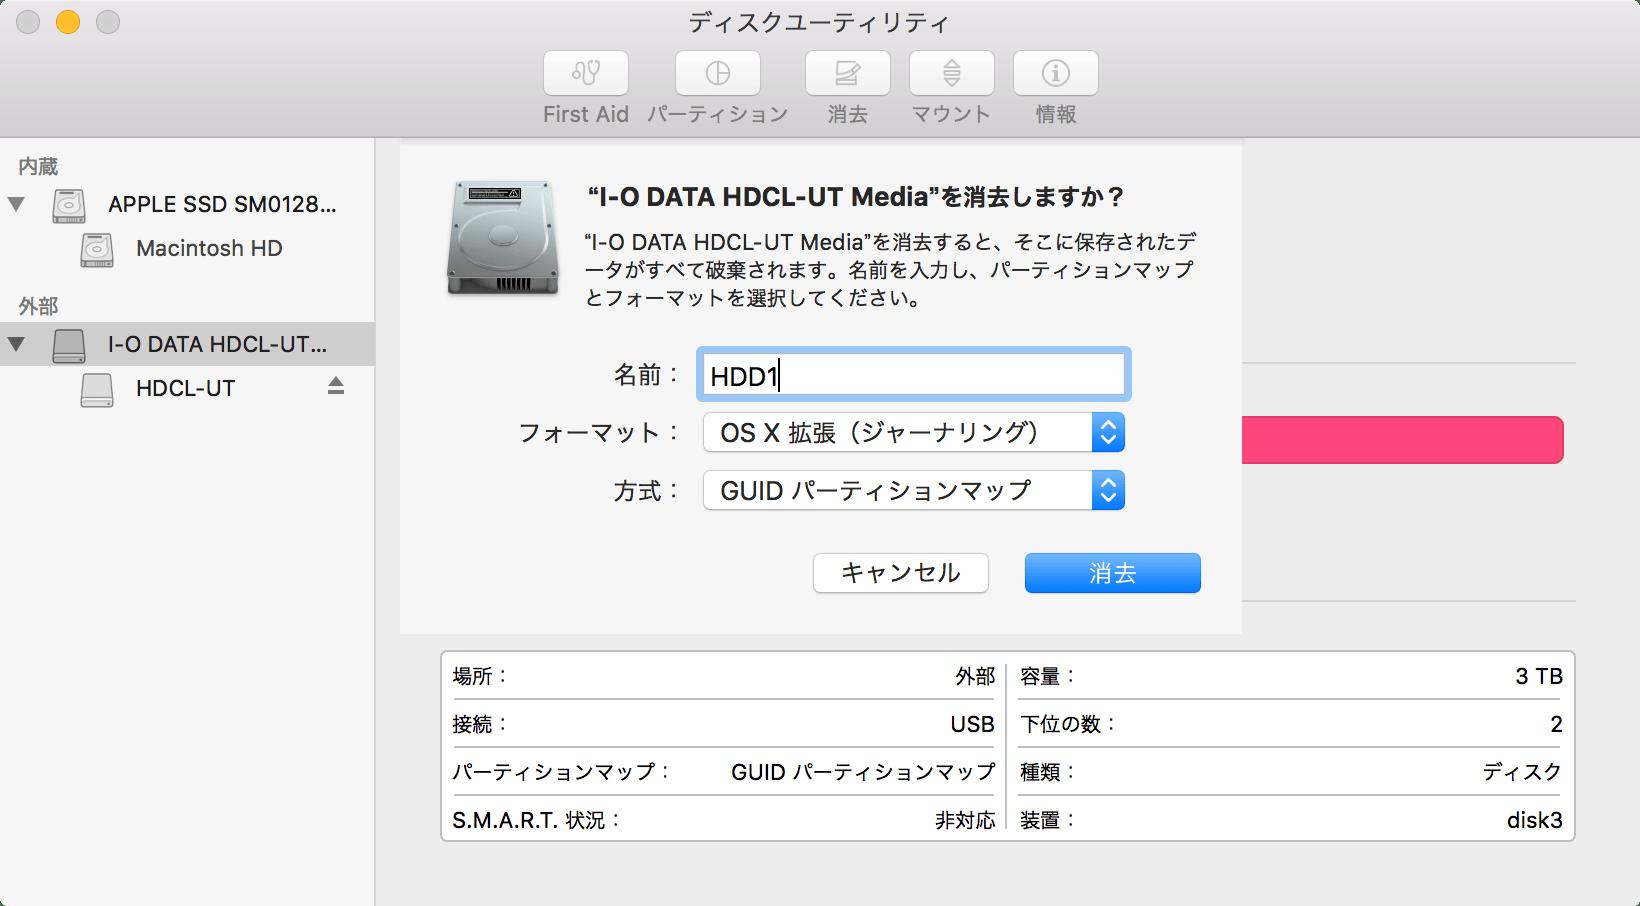 019_20160326_i-o-data-HDC-LA3.0